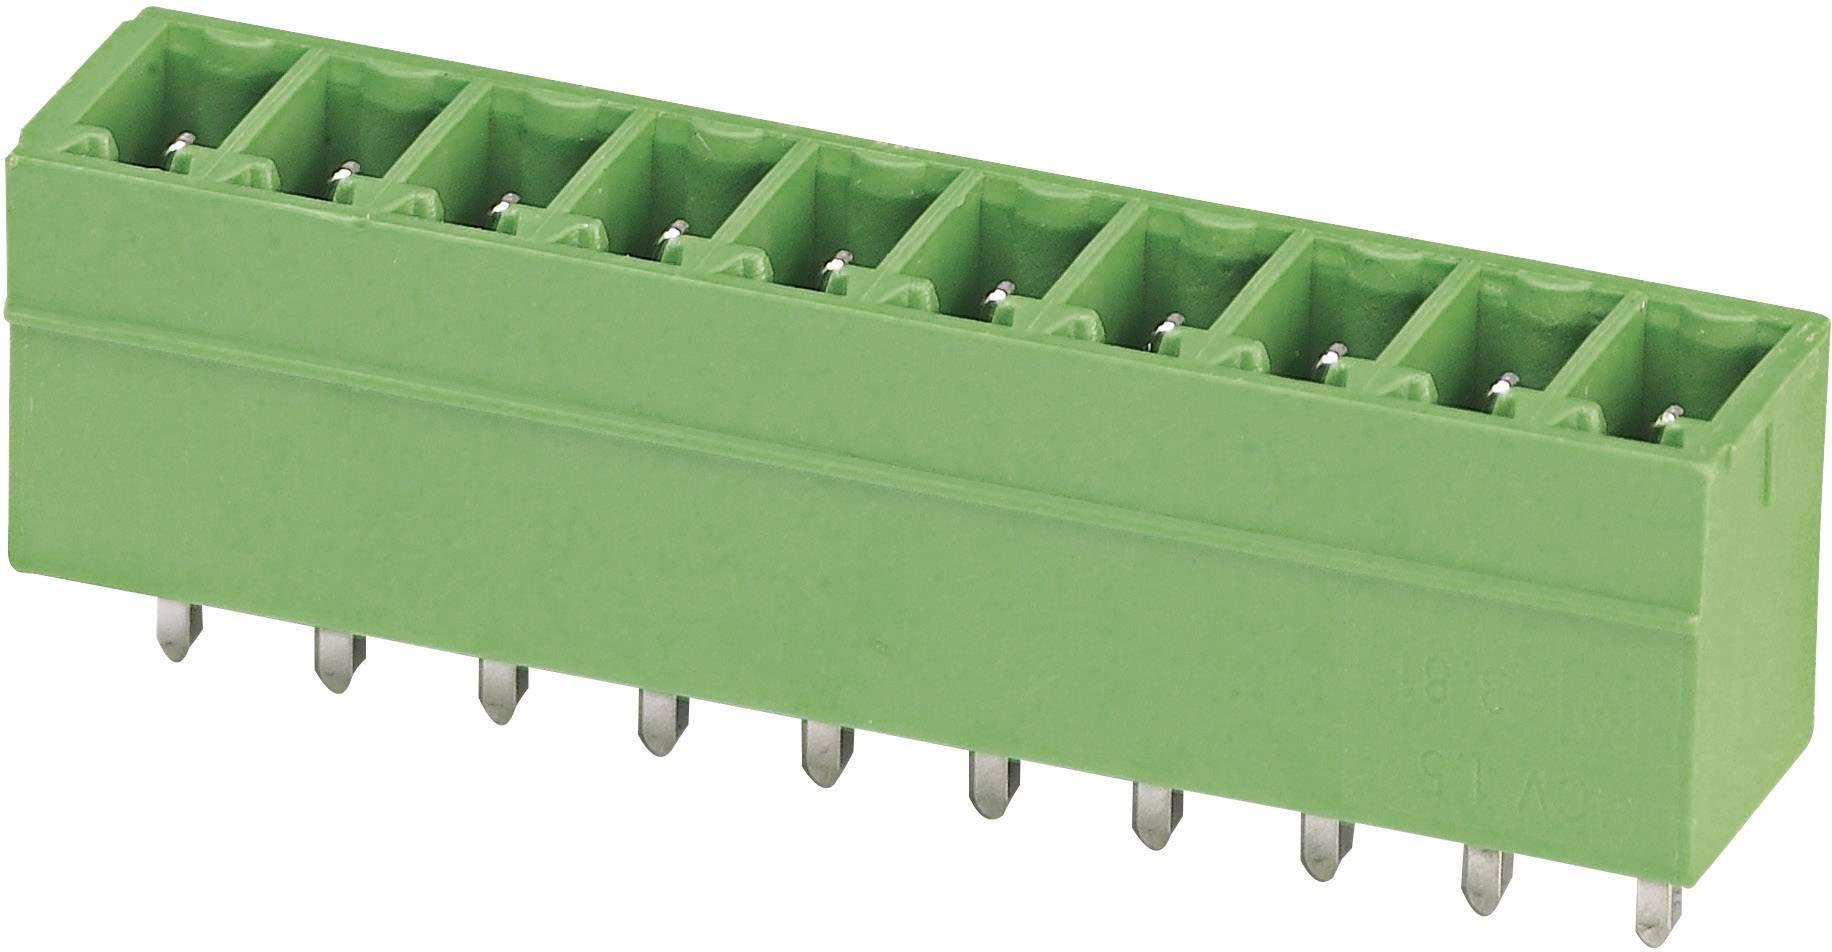 Svorkovnice 1řadá do DPS Phoenix Contact MCV 1,5/ 5-G-3,5 (1843635), 5pól., zelená